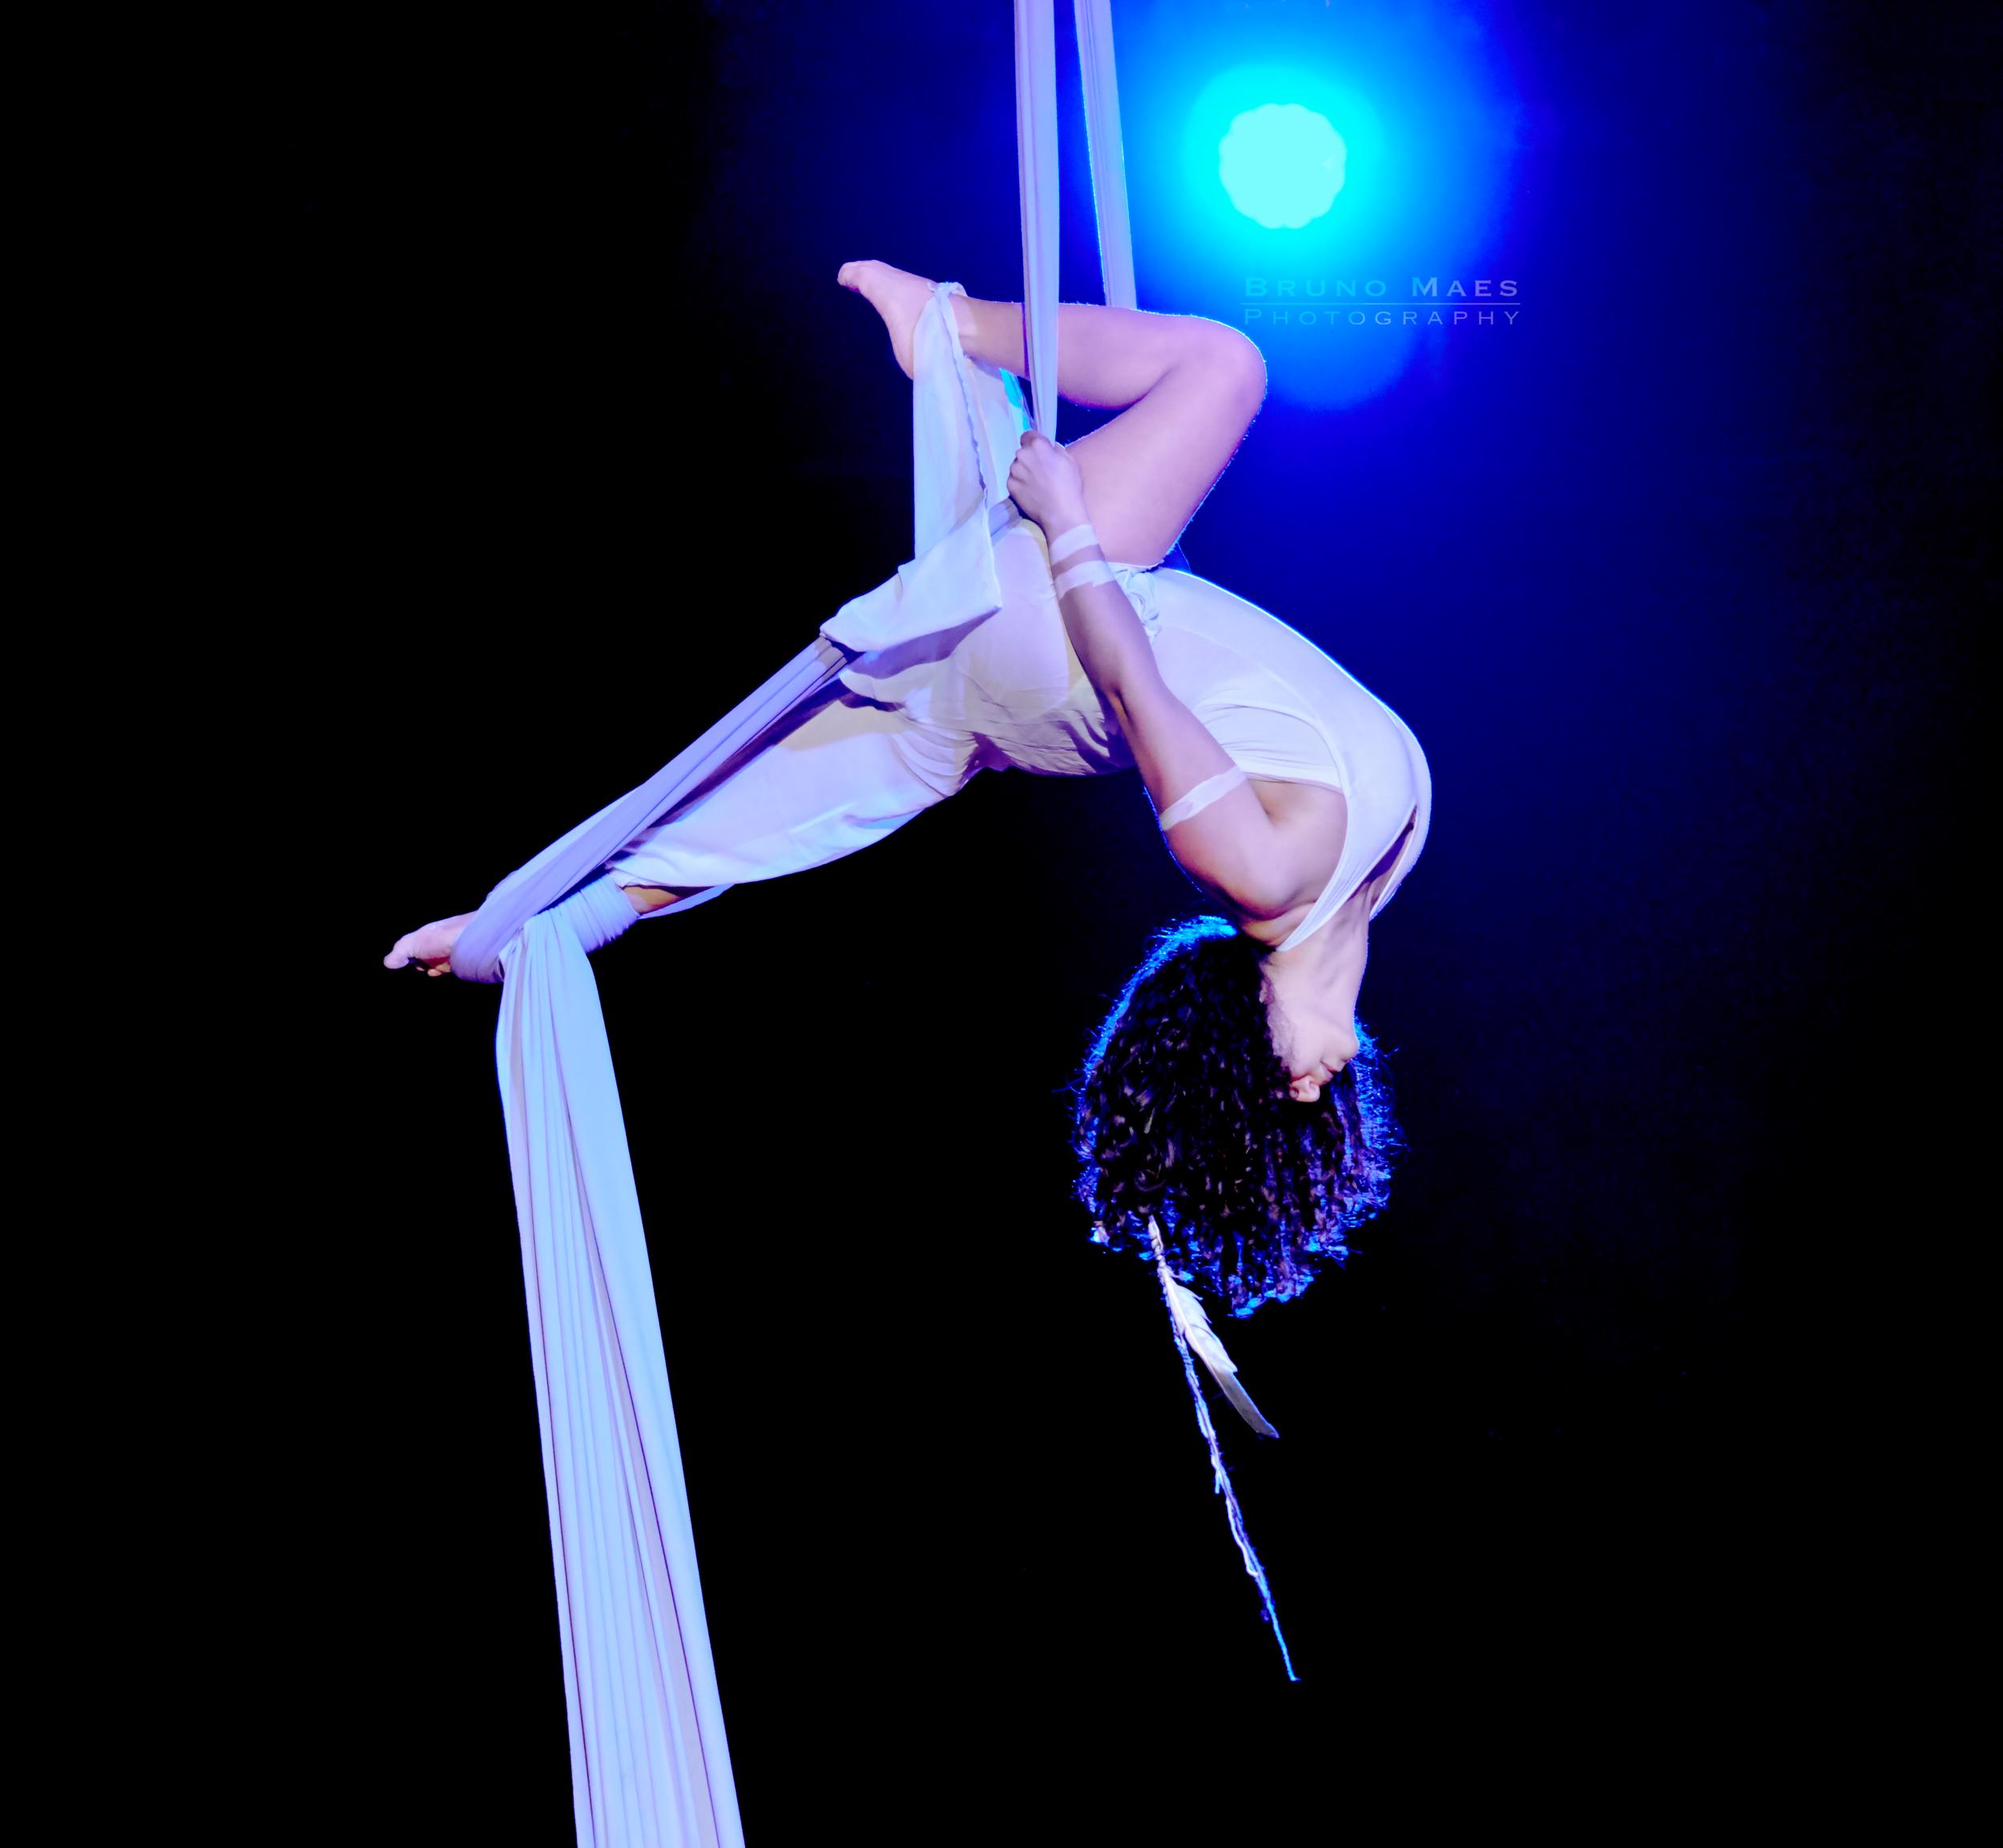 Nur CimenciKiné et proffesseur de yoga.Passionnée par le cirque, letissu-aérien,les animaux,yoga, le dessin et l'écriture. - Partenaire de Spectacle